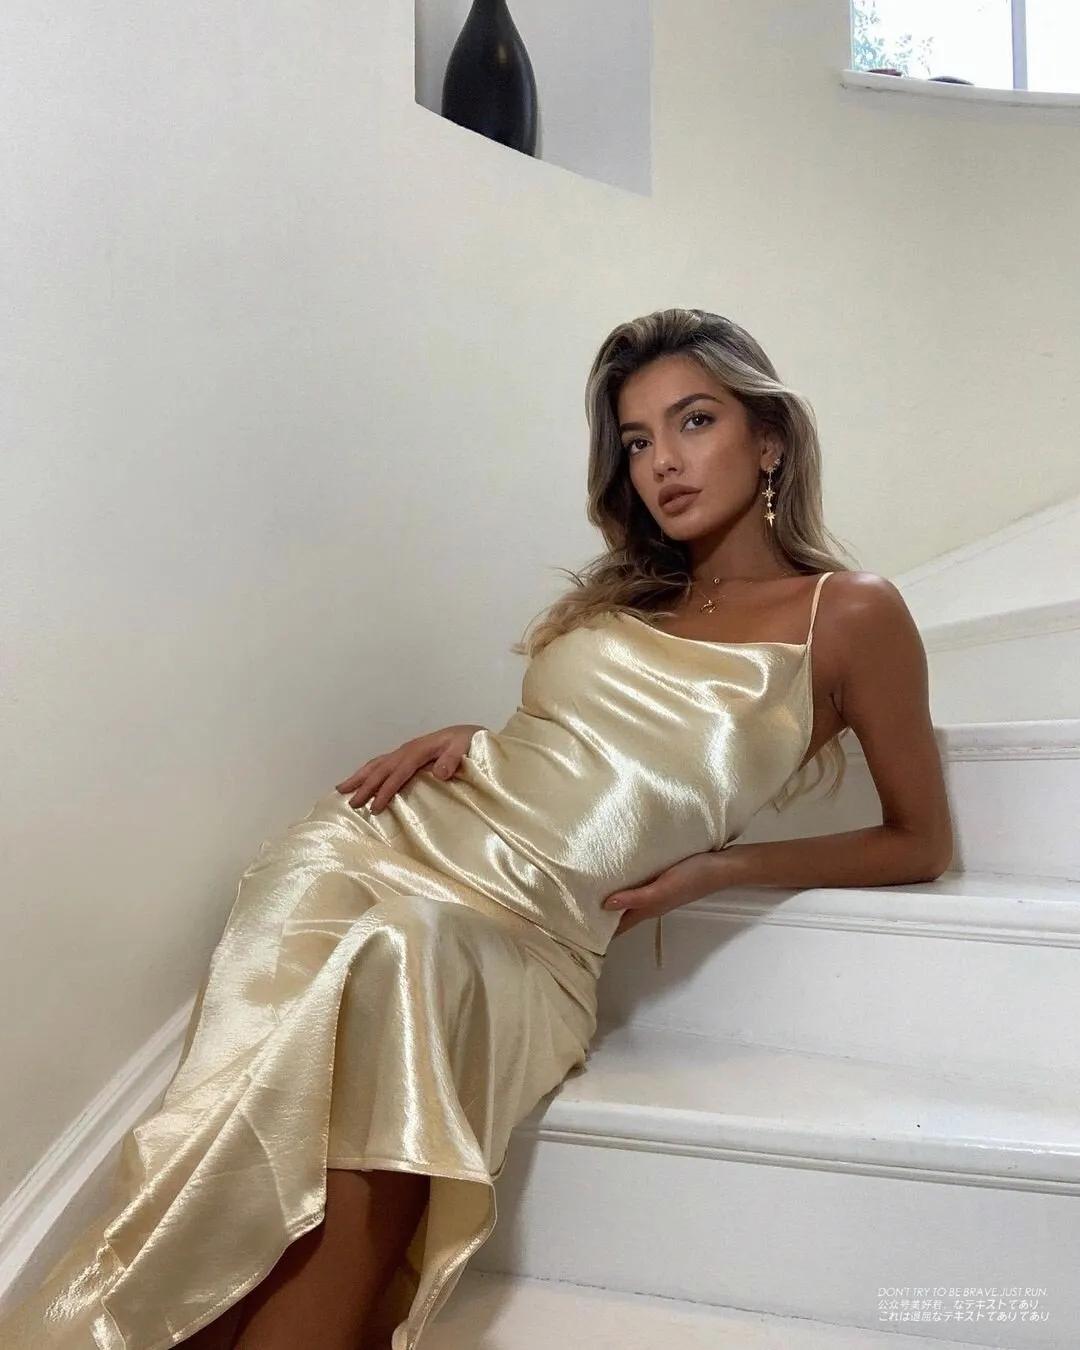 靓女模特Barbara Rodiles写真,健康小麦色肌肤,西班牙人特有的激情和热情